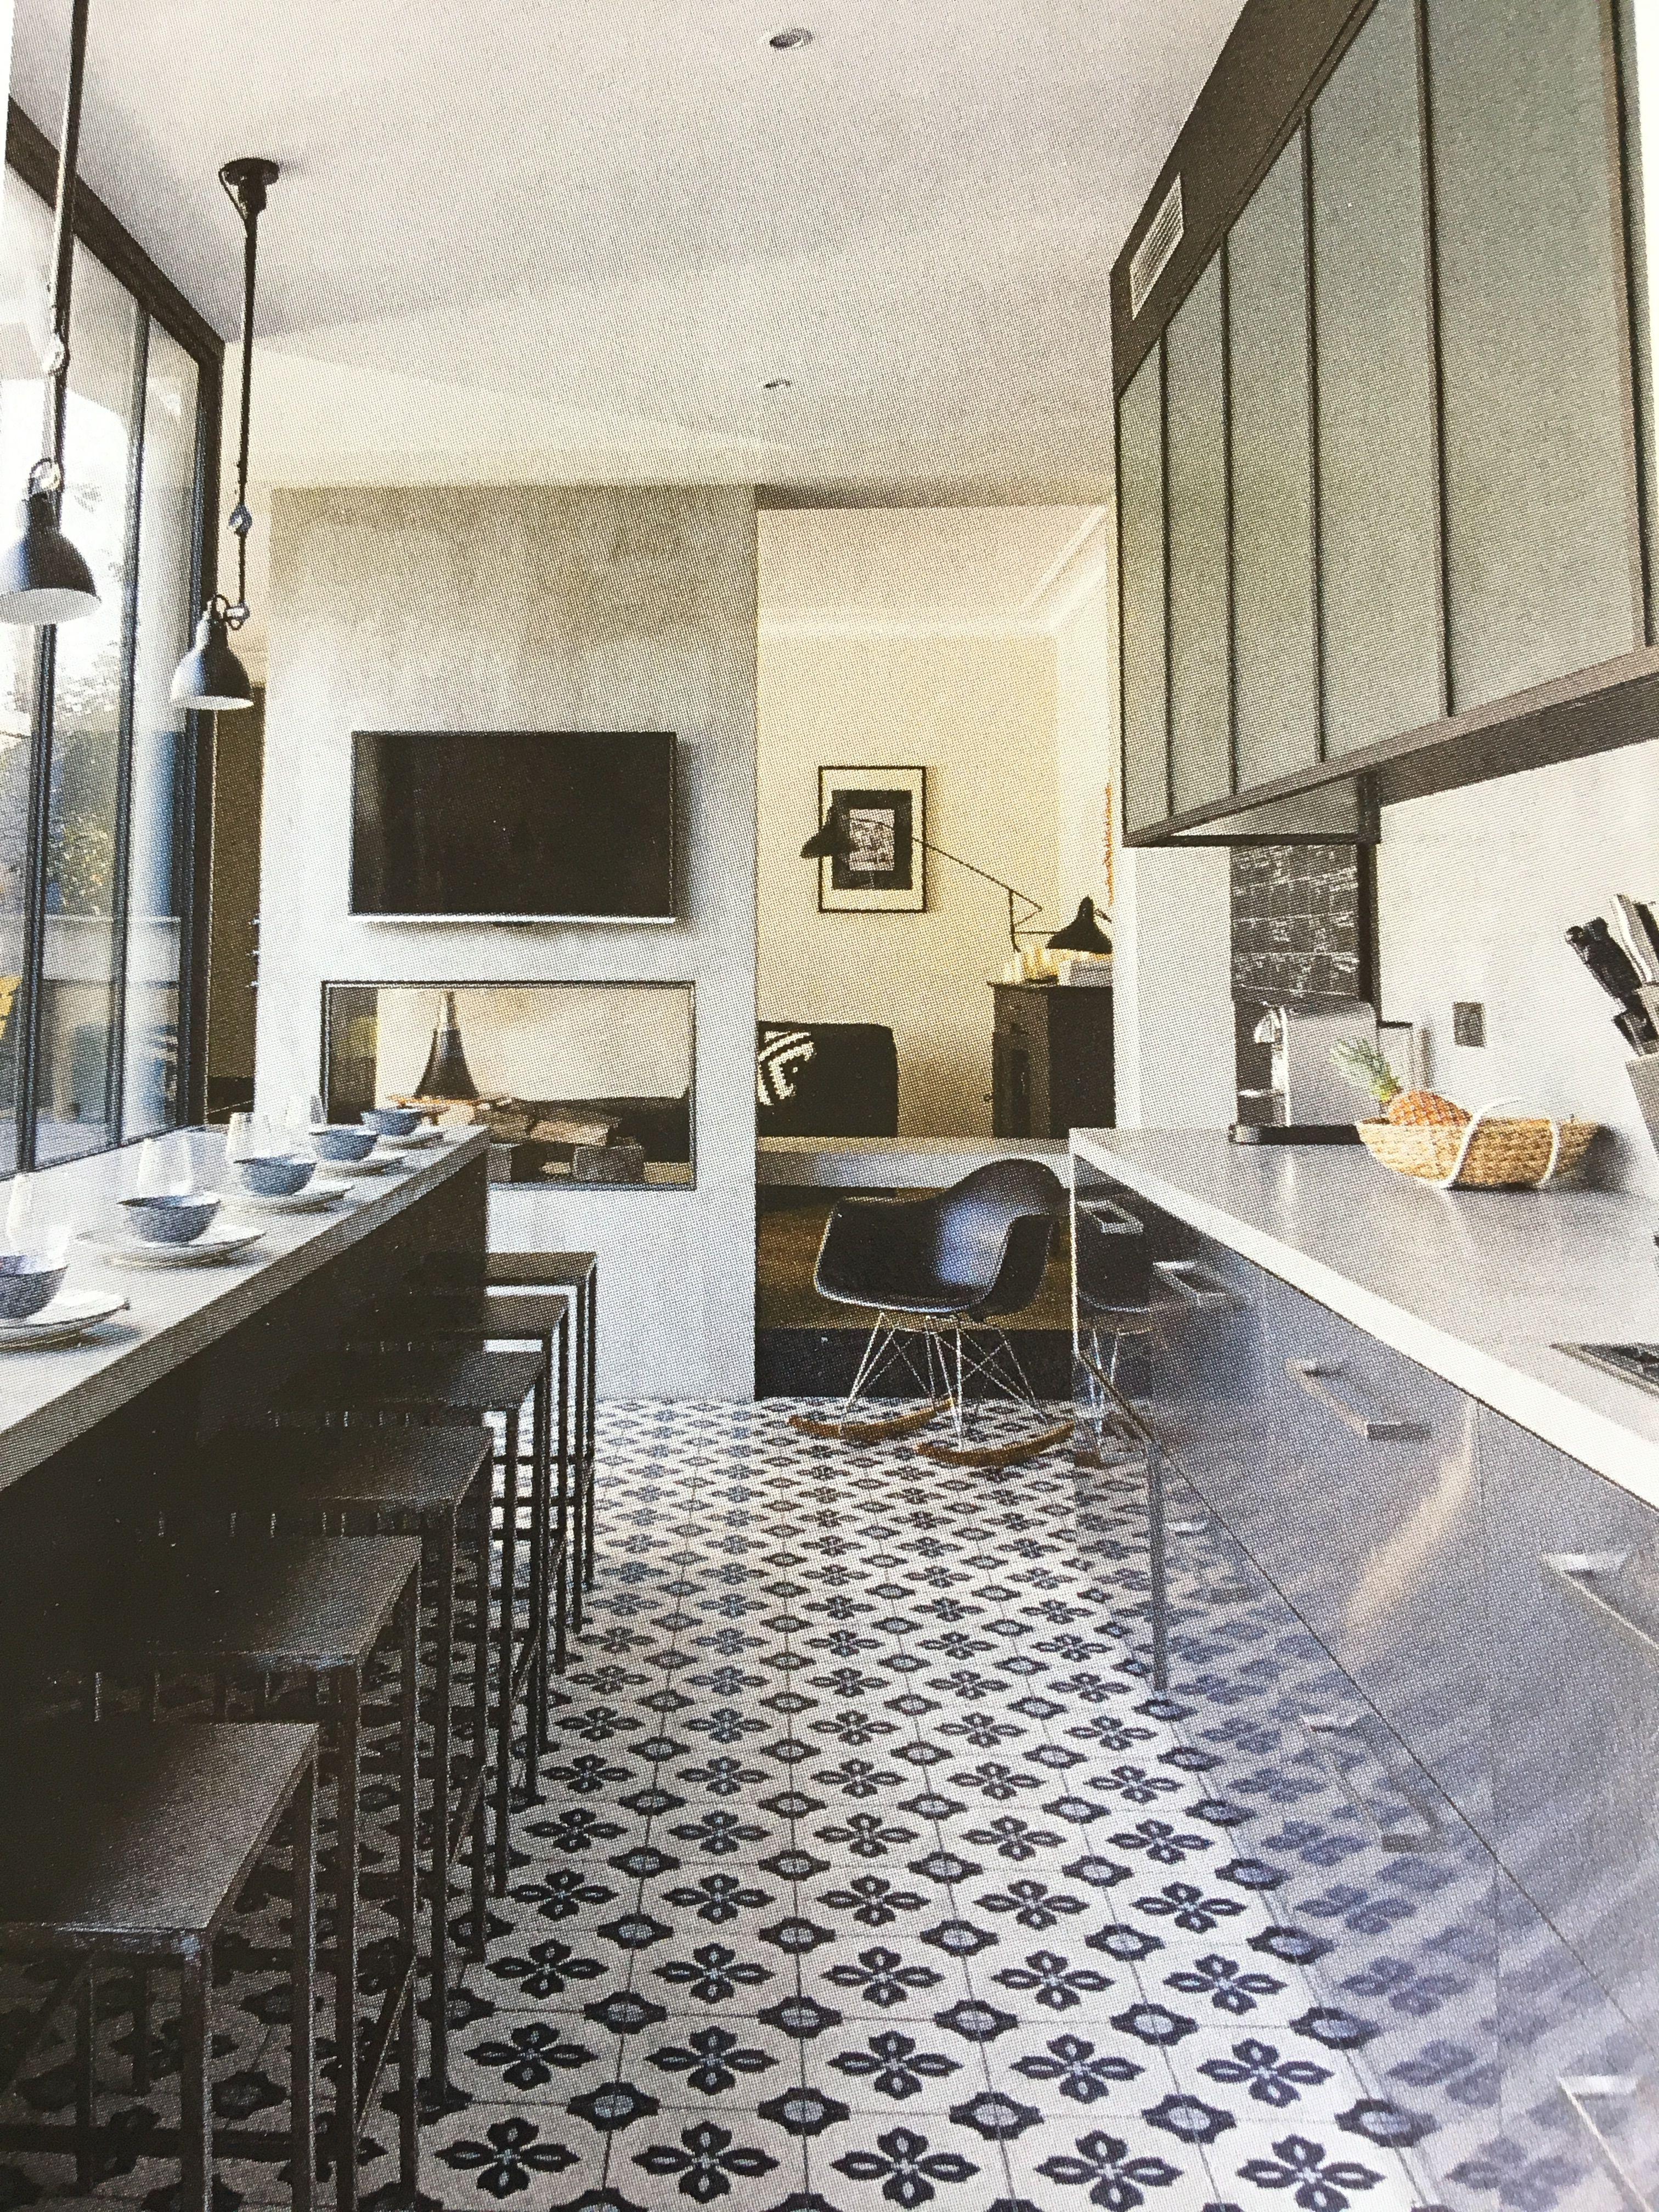 Architect And Interior Designer Stephane And Ludivine Degas Building A House House Home